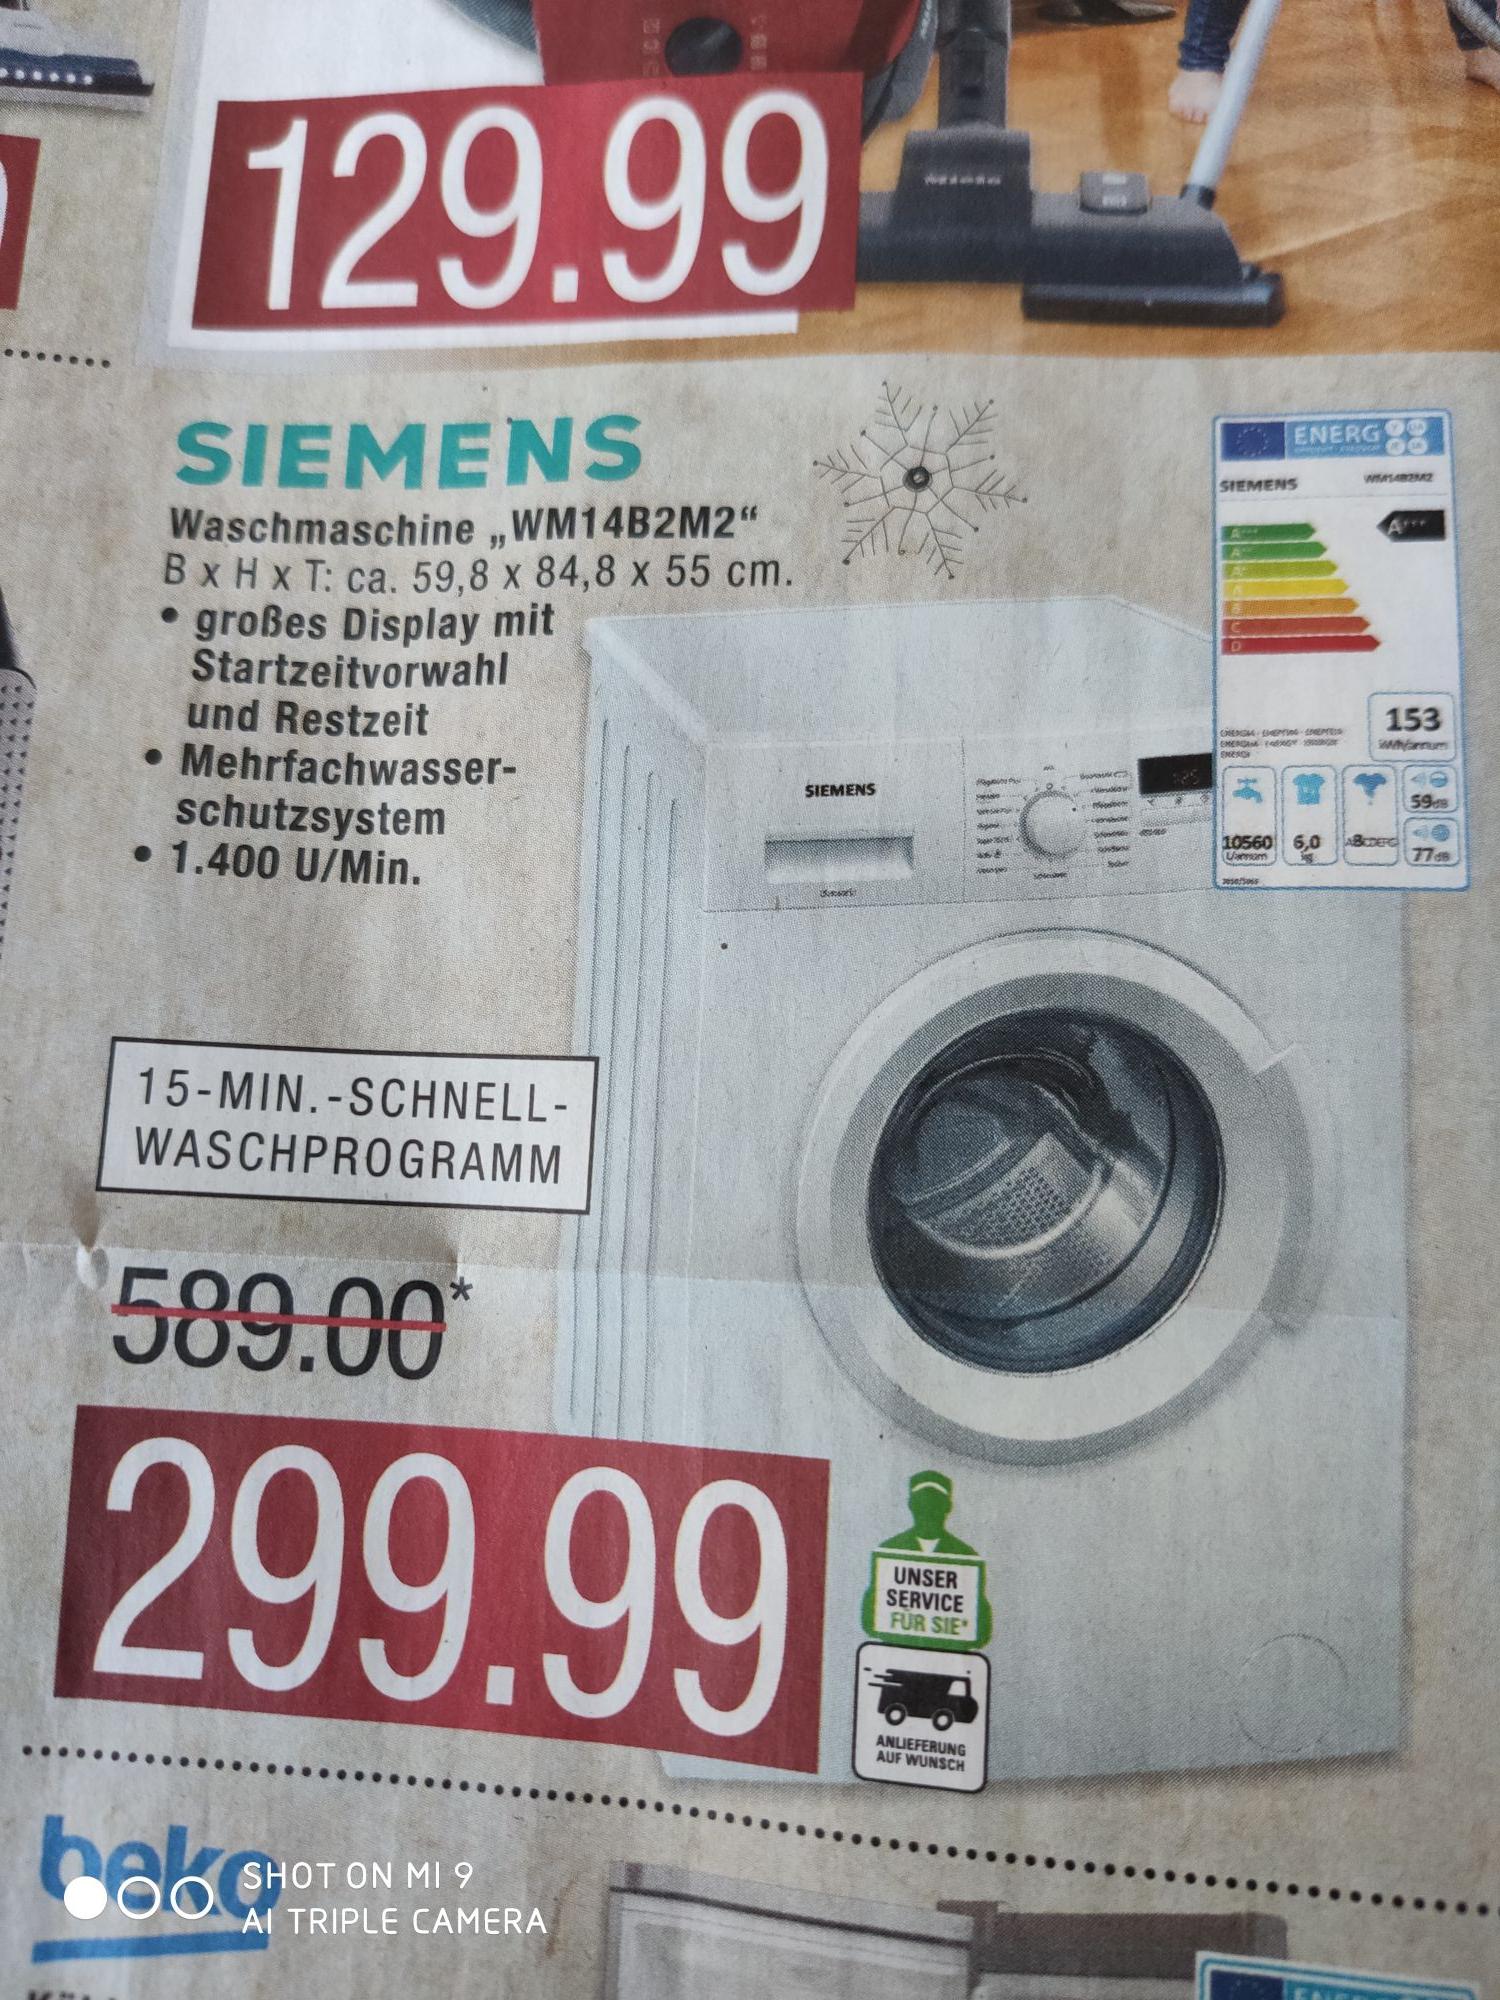 [Marktkauf] Siemens Waschmaschine WM14B2M2